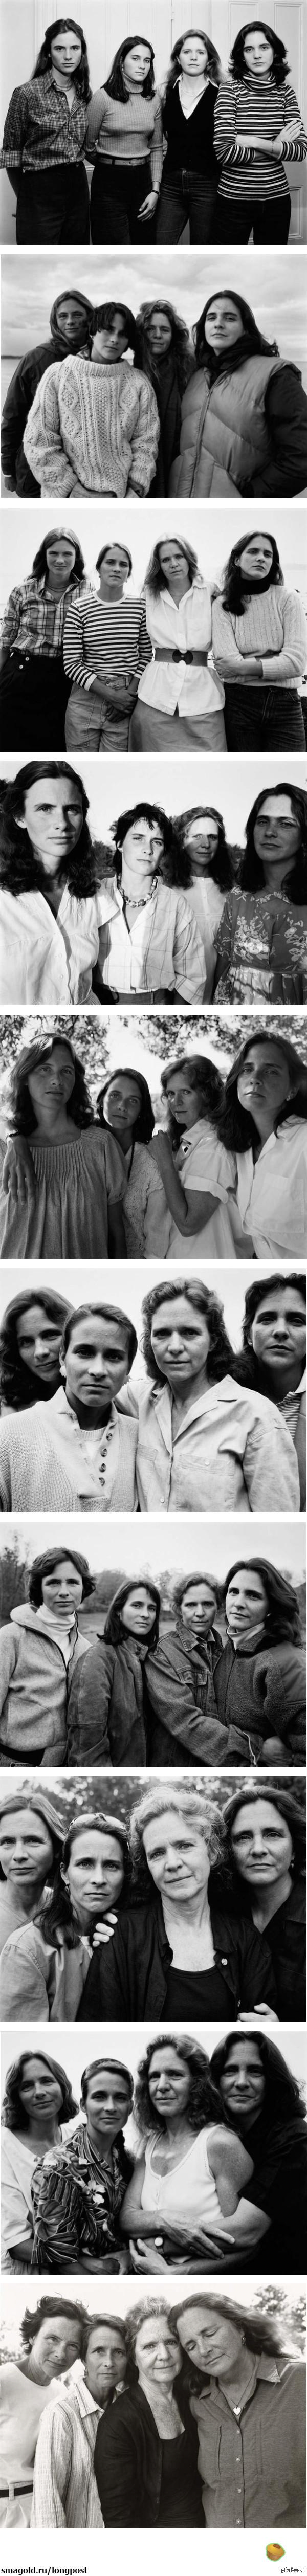 Фотографии 4 сестер сквозь года от Николаса Никсона Нашел на просторах